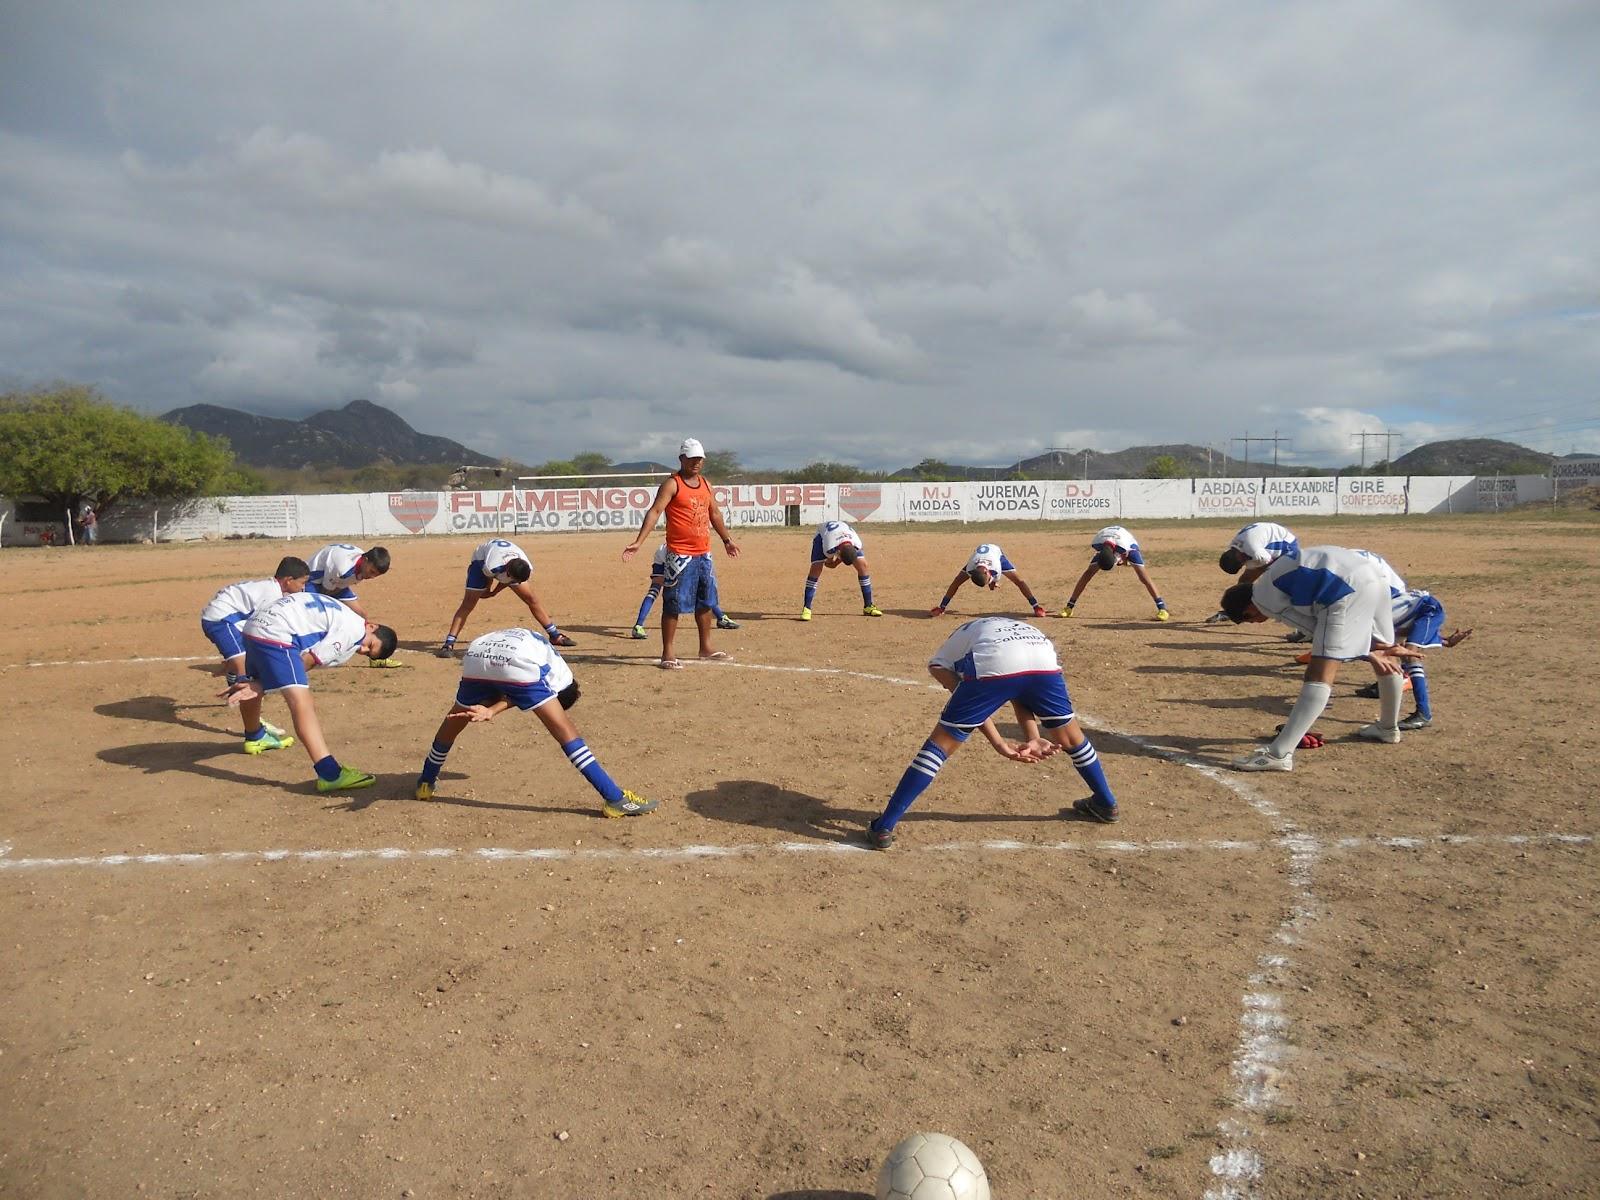 Jogos de futebol amanha